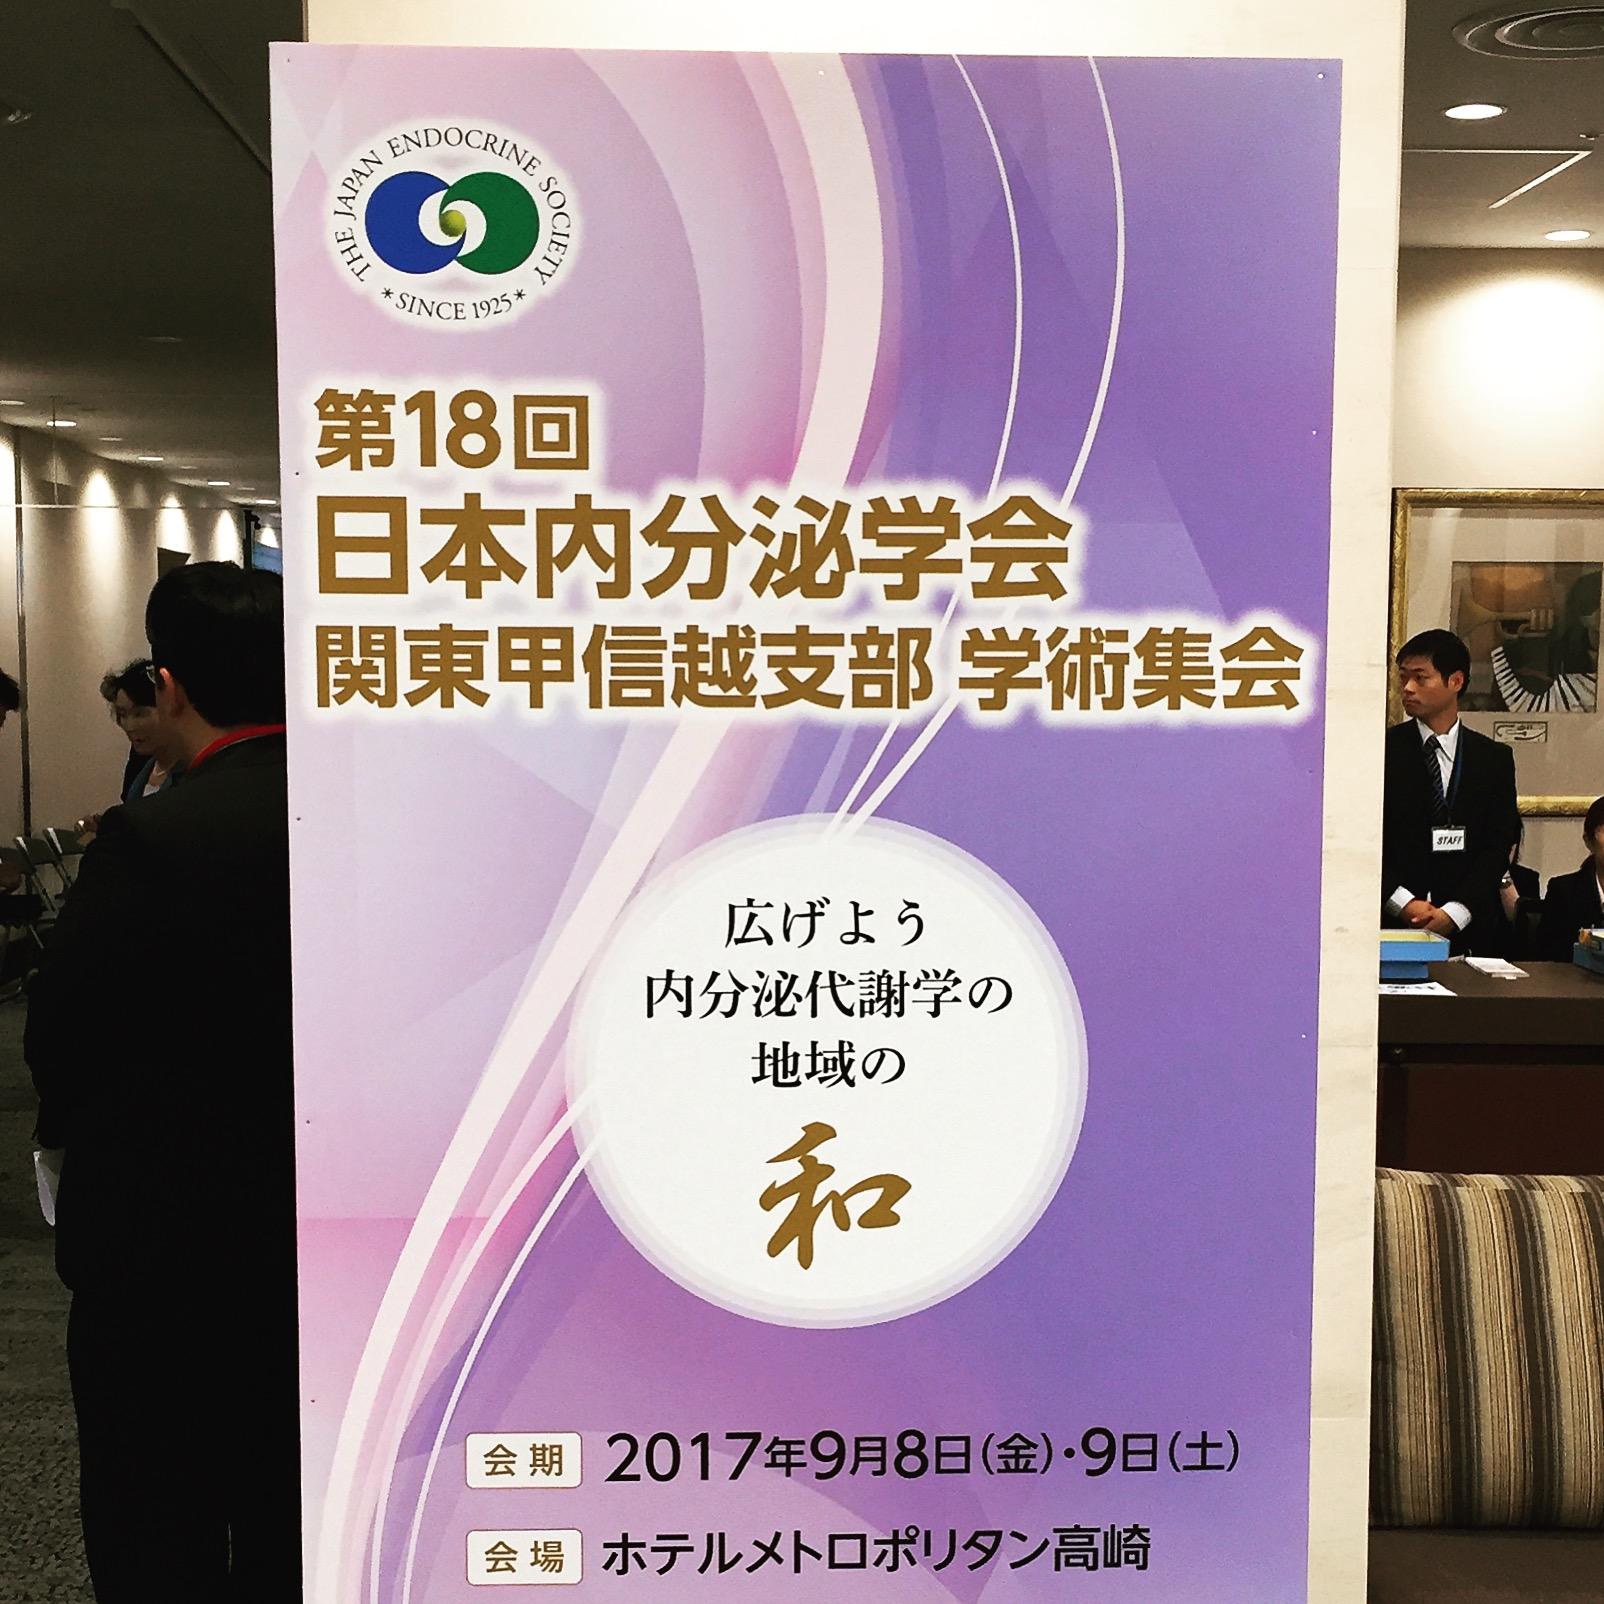 日本内分泌学会 関東甲信越支部学術集会でサブクリニカルクッシング症候群の症例発表をしてきました.